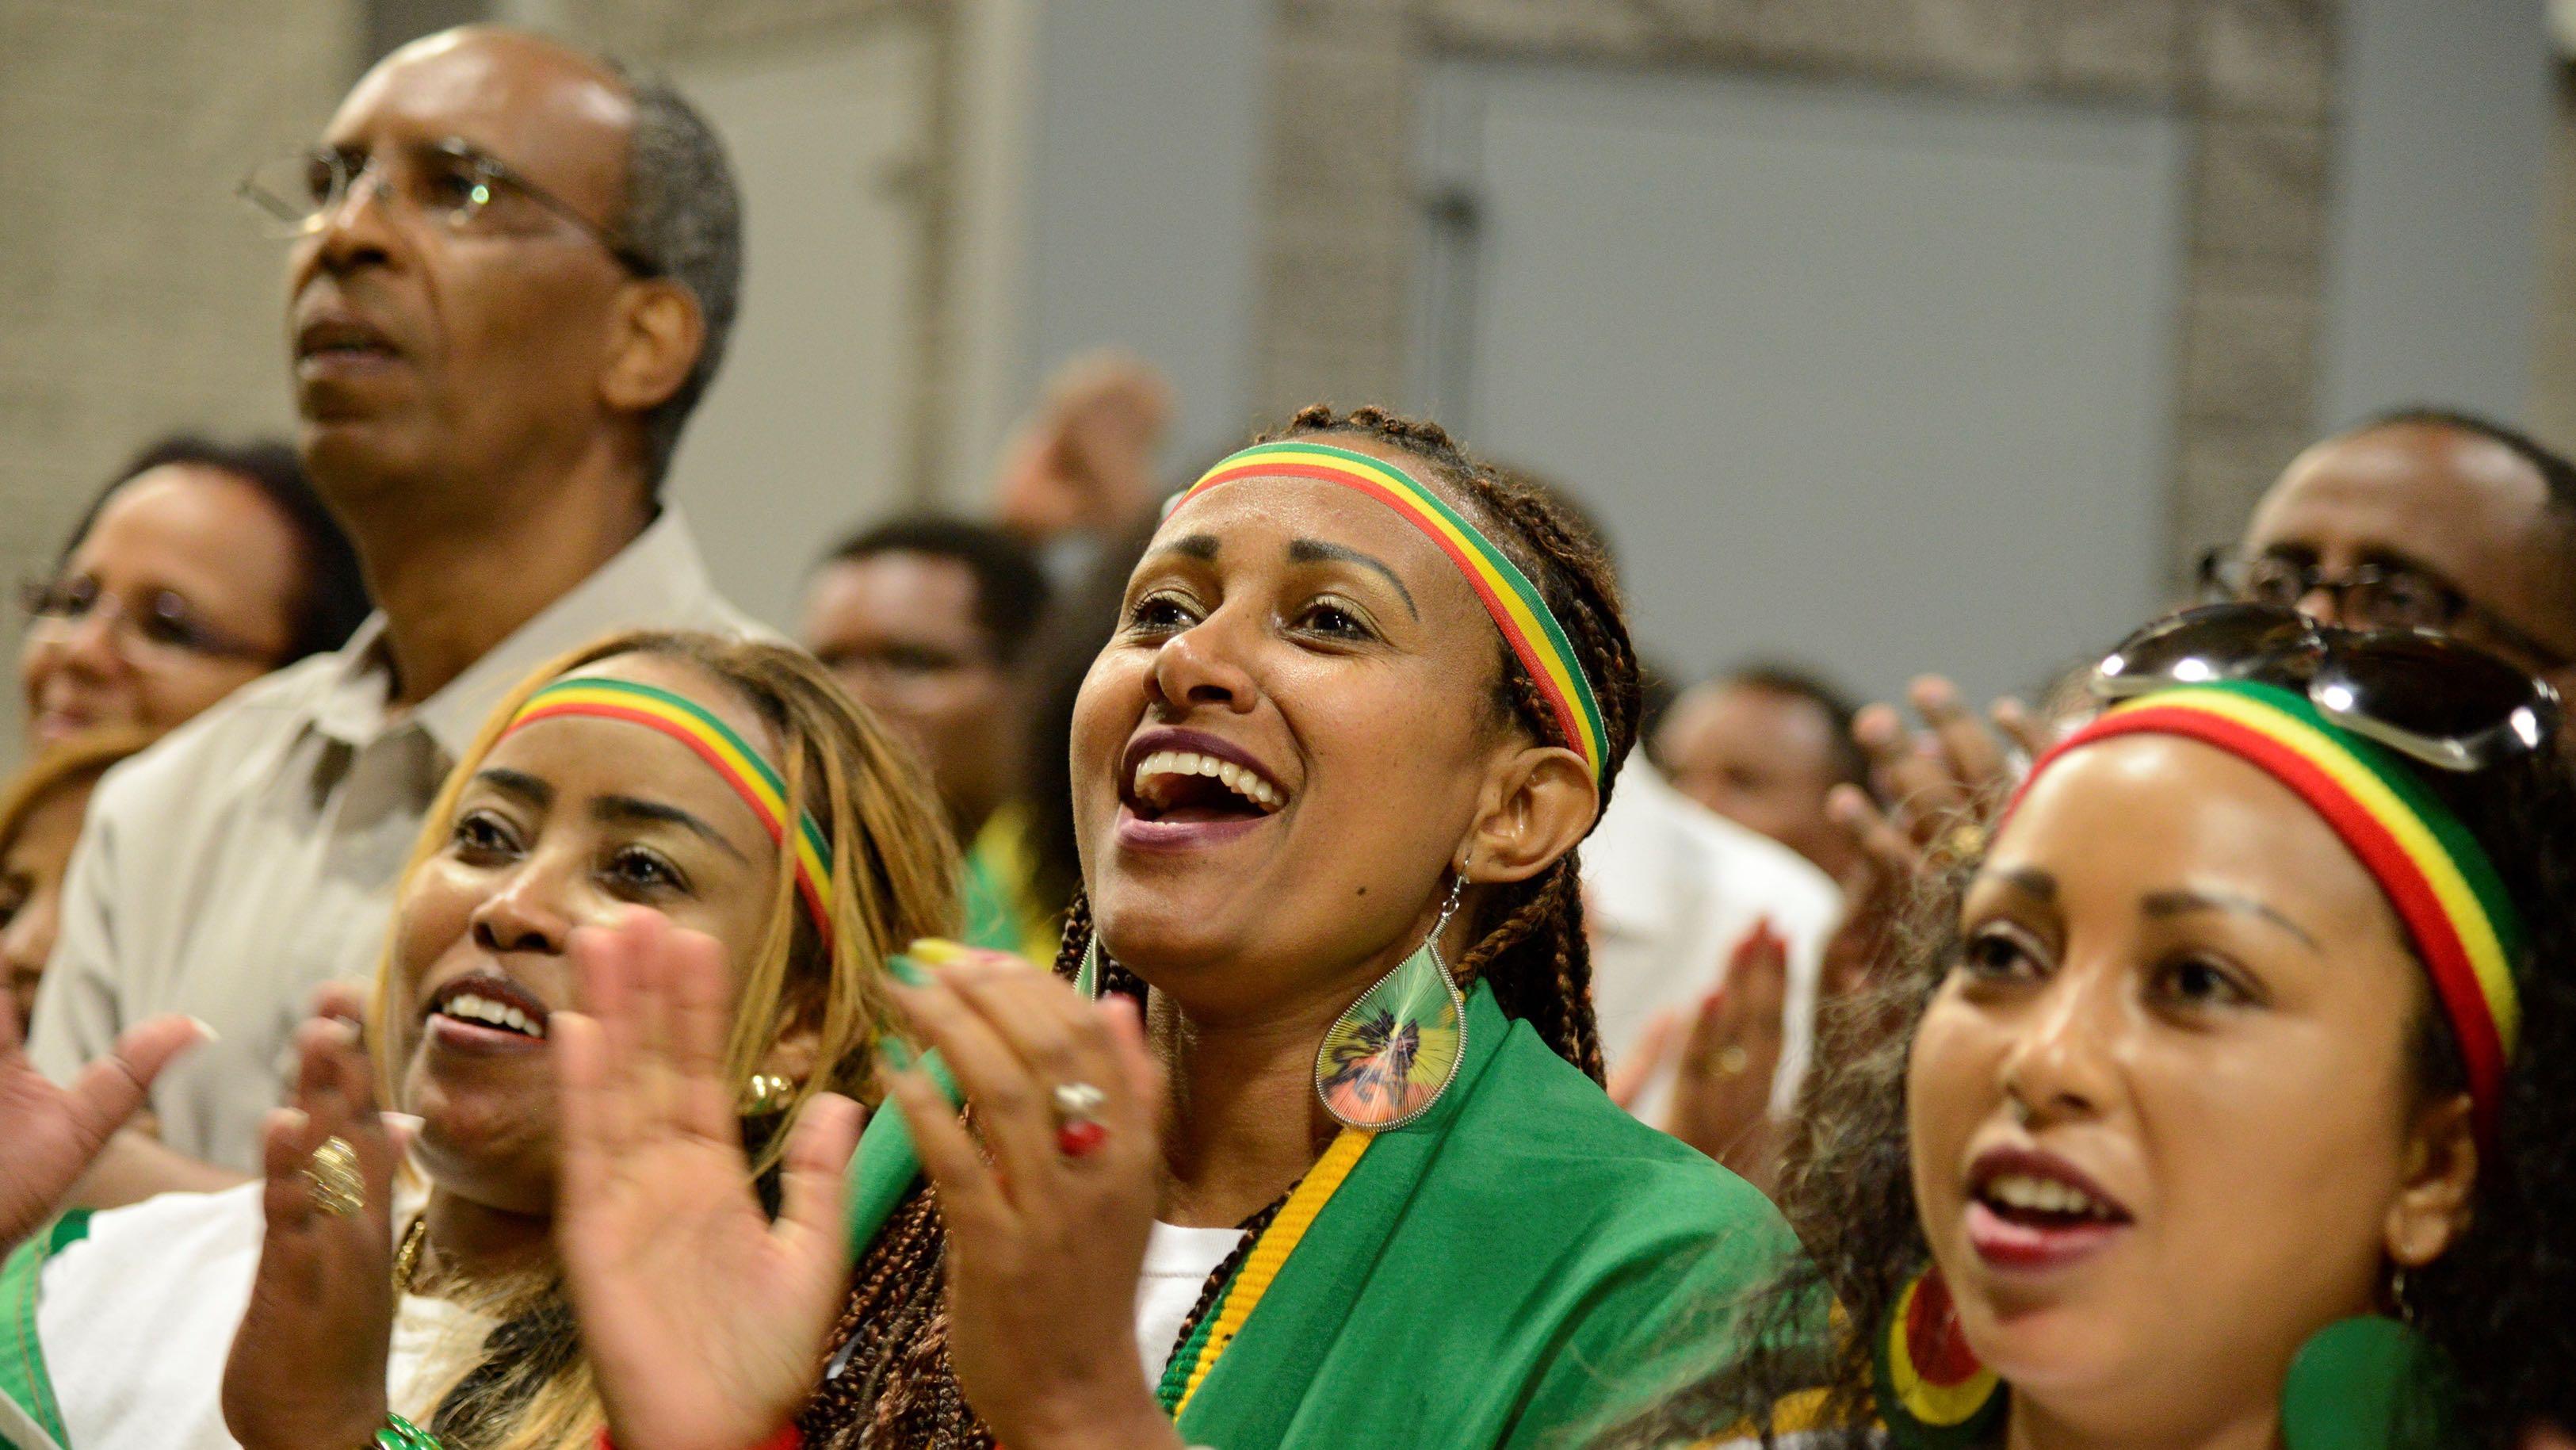 members of the Ethiopian diaspora